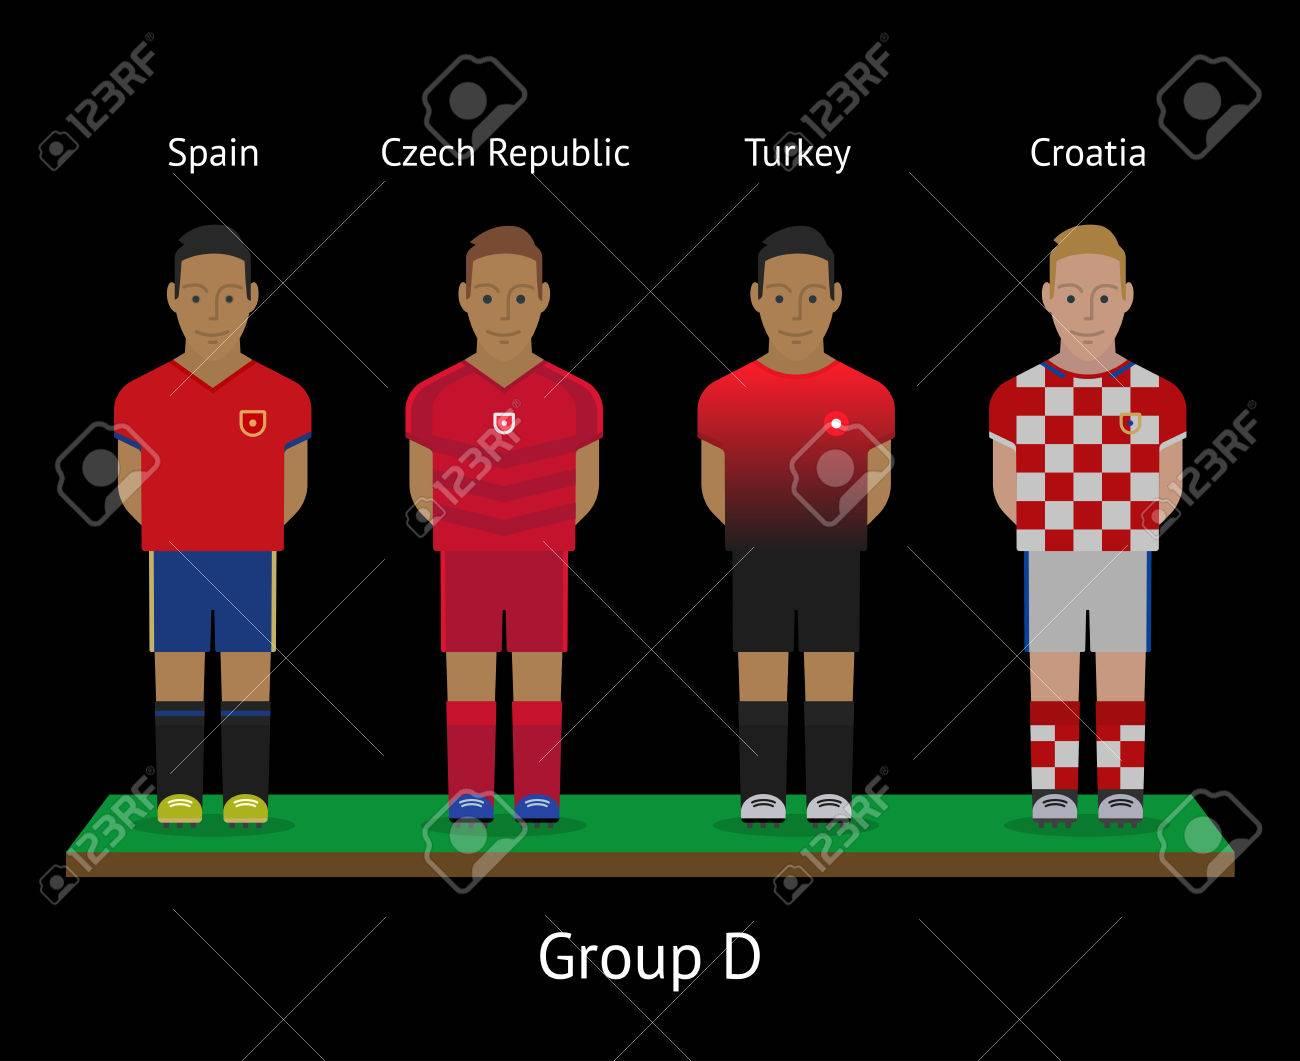 dd26a211c07 Vector illustration. Football players. Soccer teams. Group D - Spain